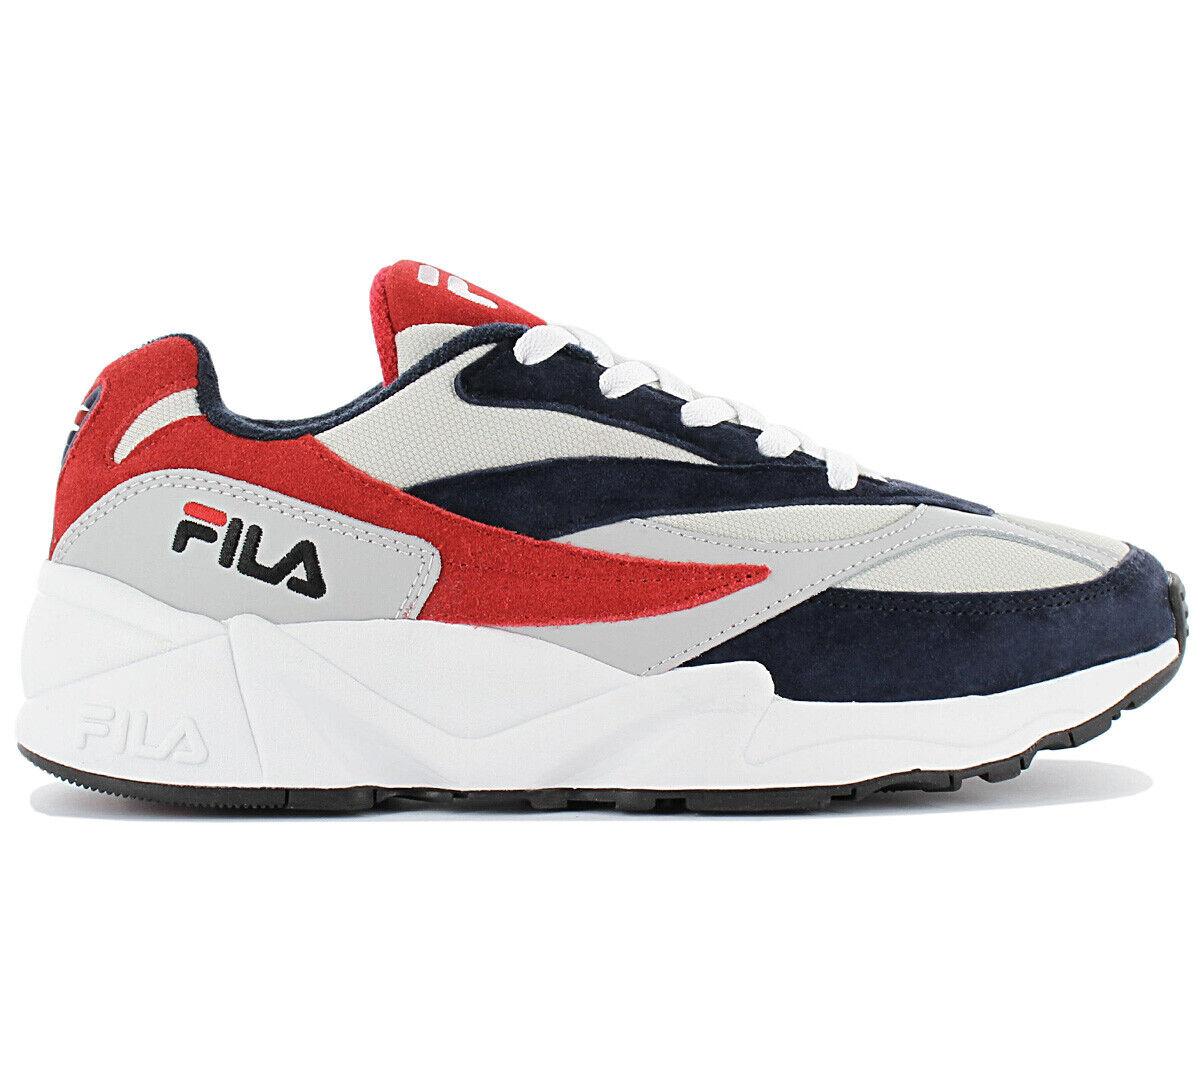 FILA Venom V94M Low Herren Turnschuhe 1010572.20Z Schuhe Retro Turnschuhe NEU